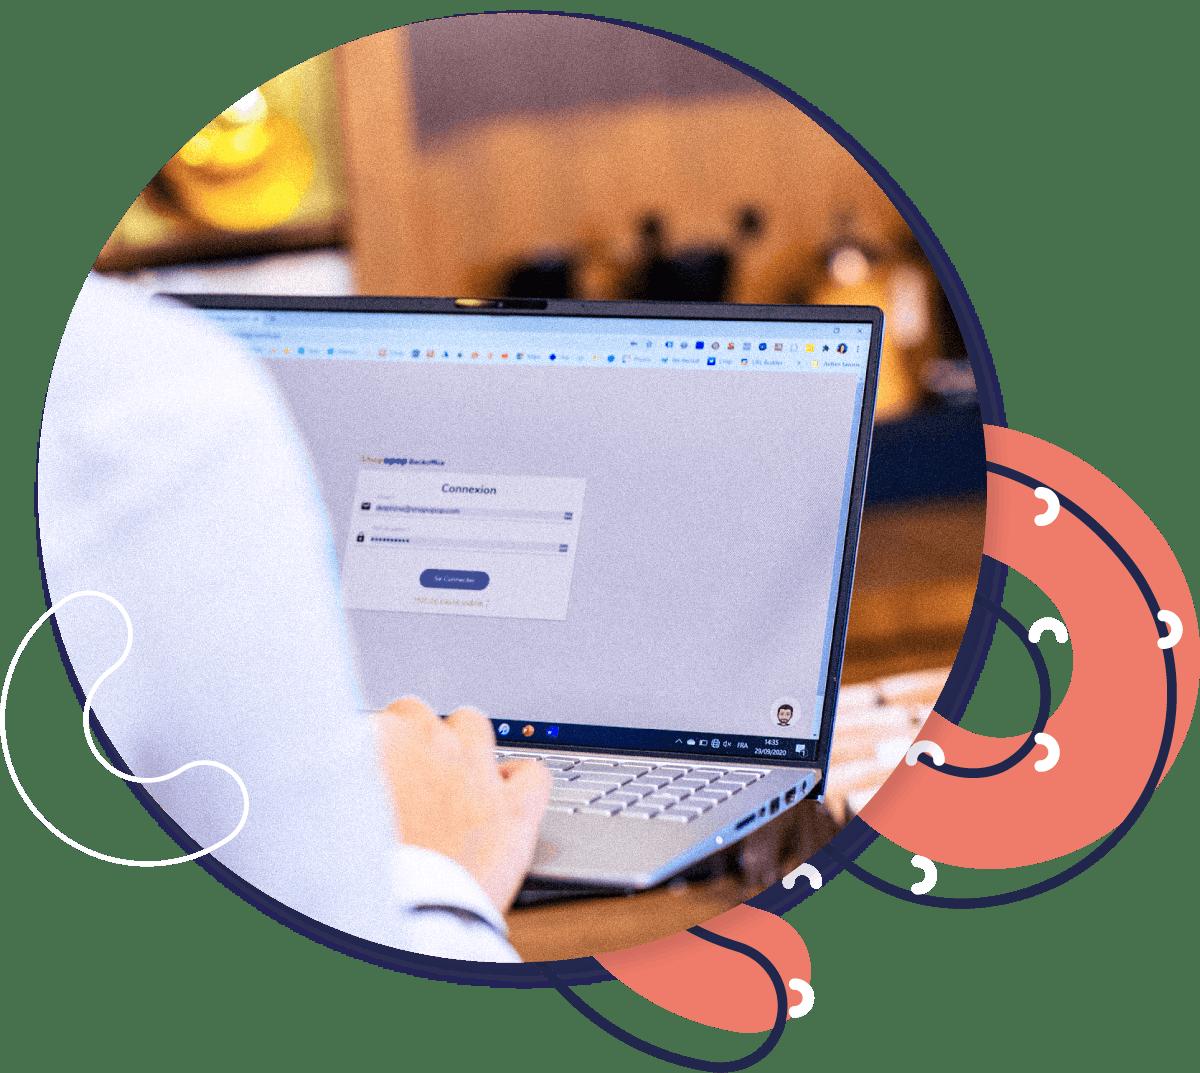 Ilustração de computador com back office da Shopopop